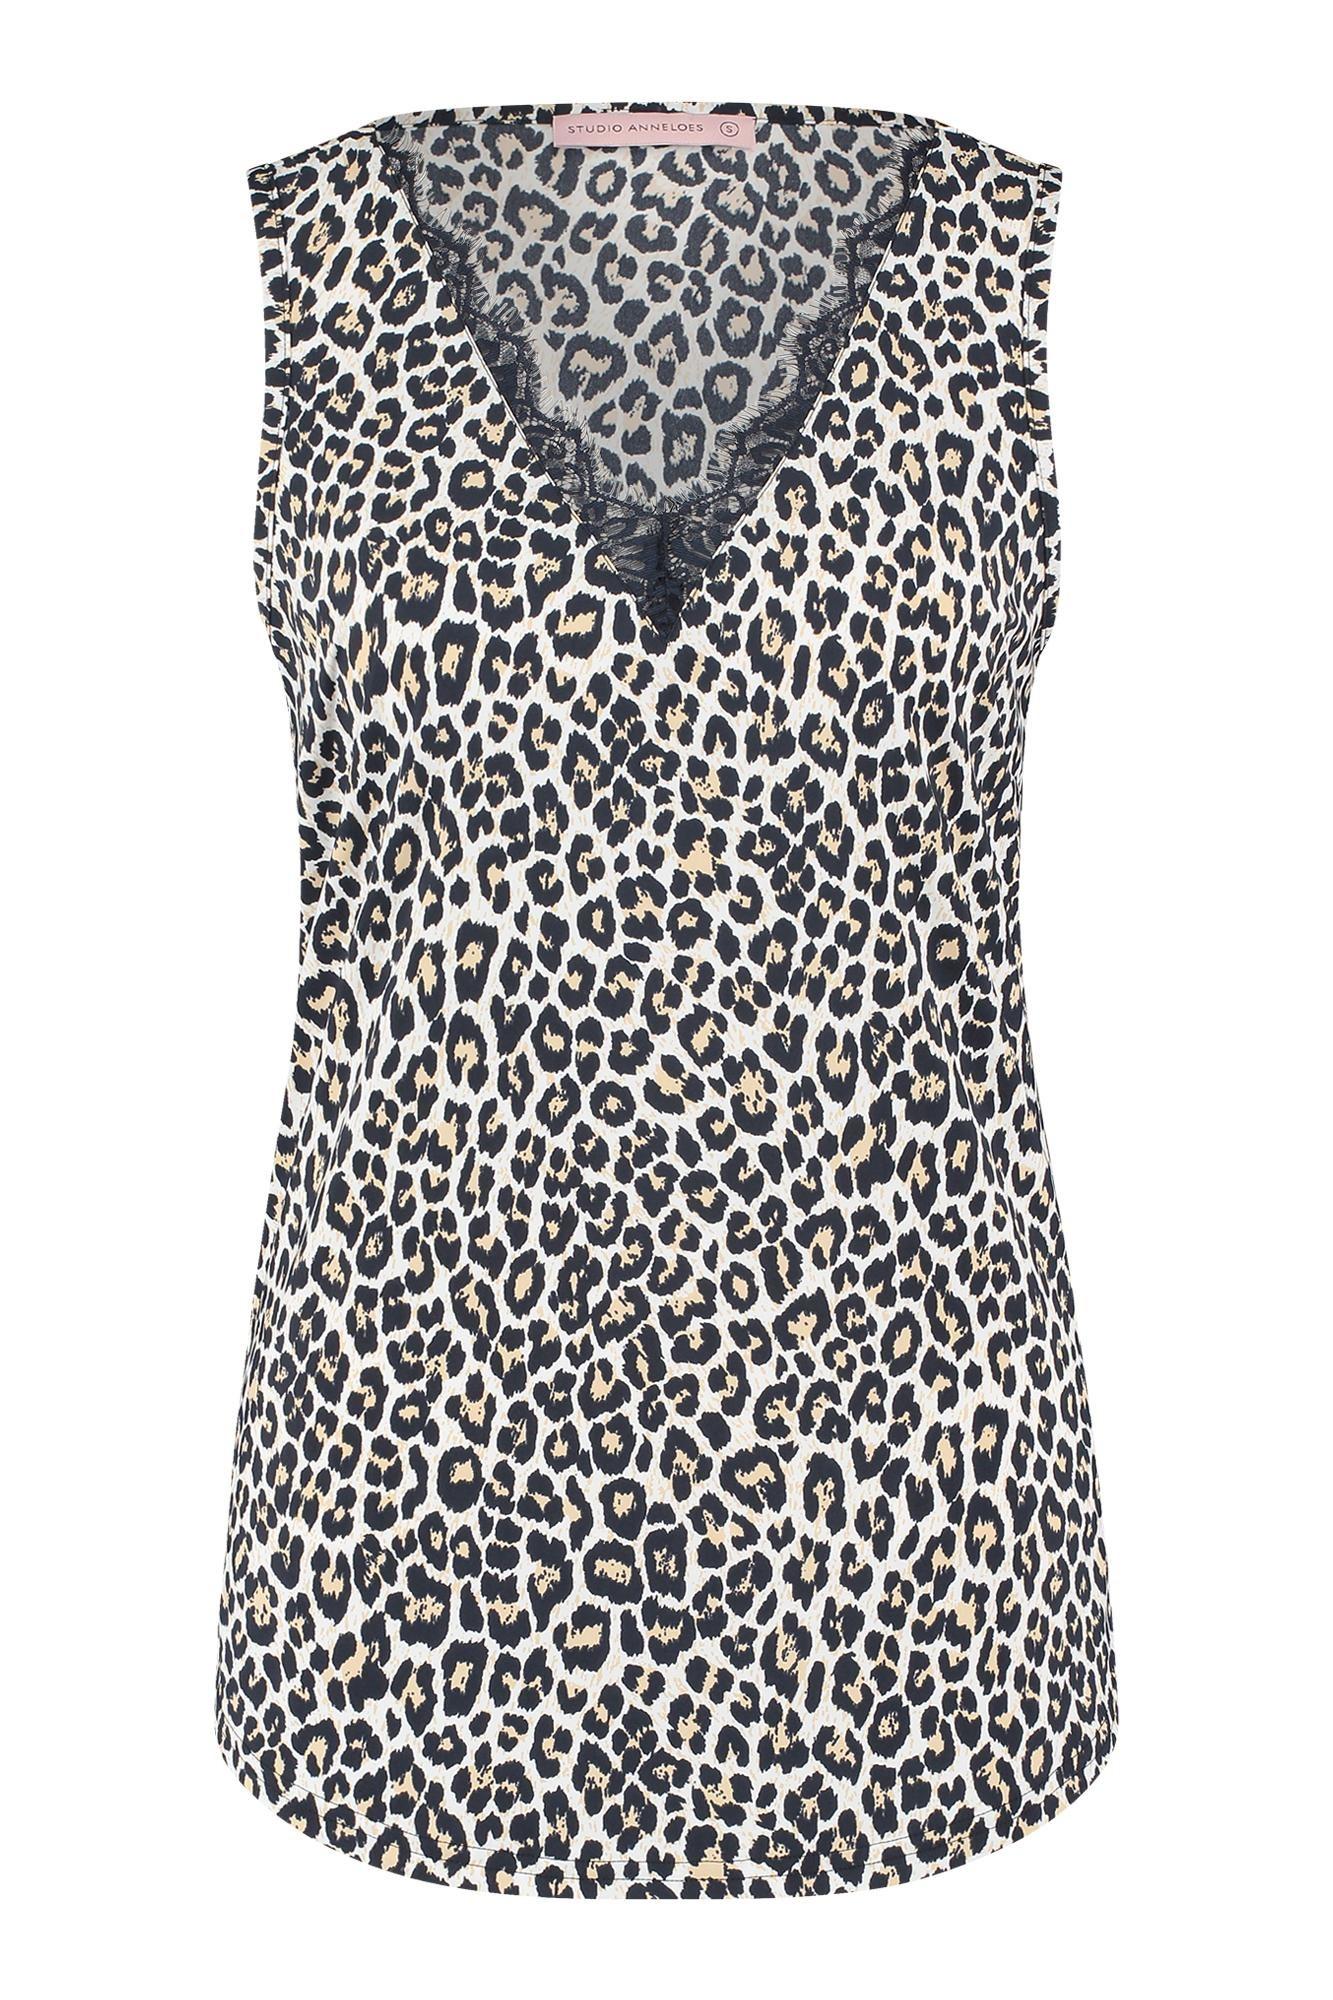 Luisa leopard  top